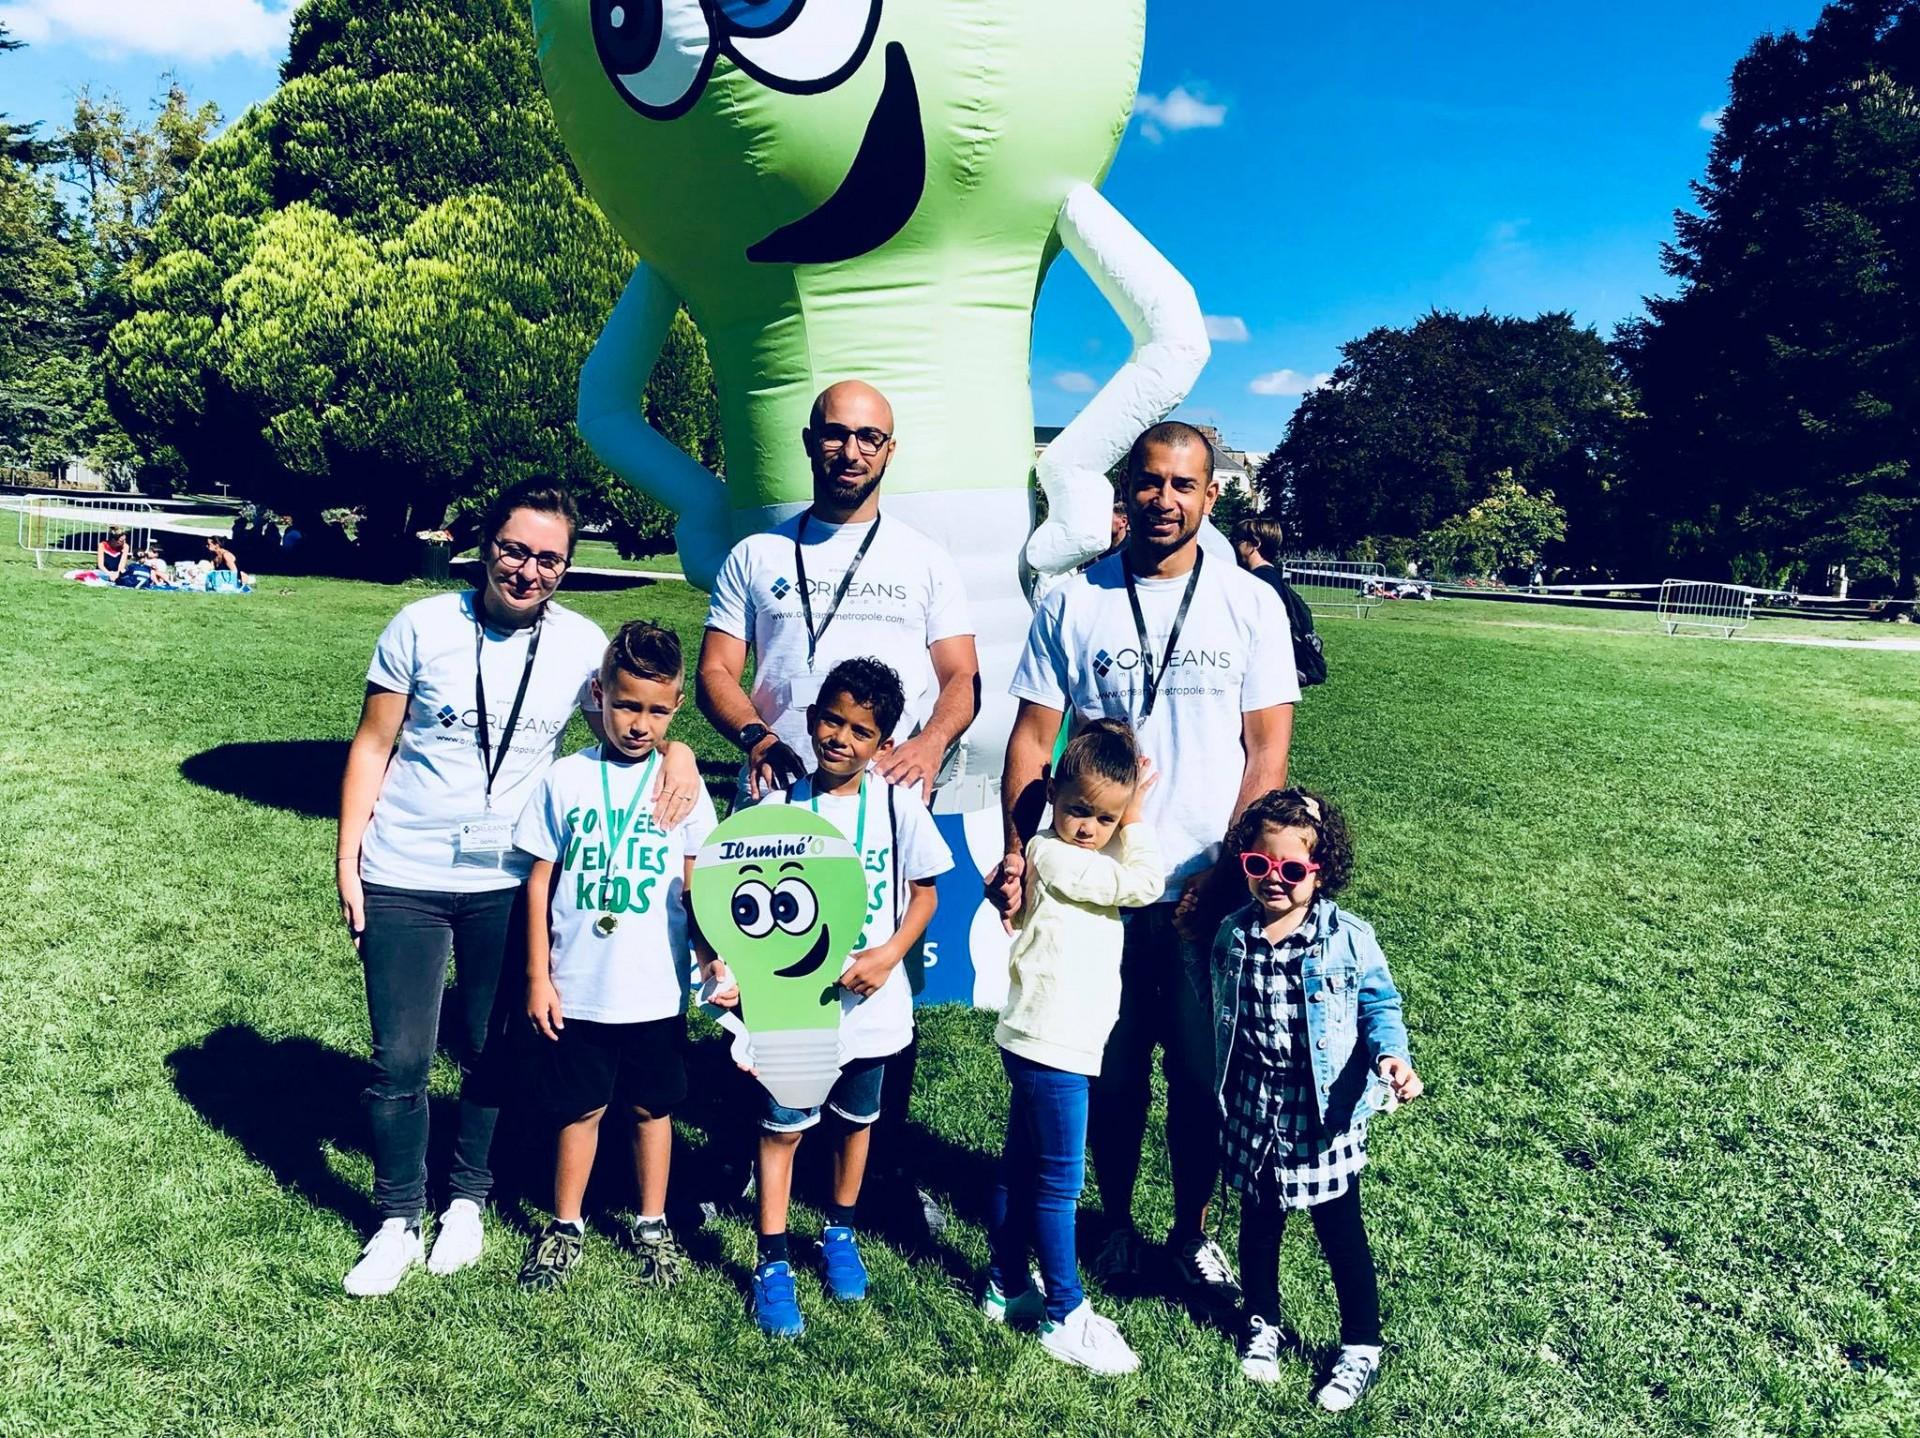 Les Foulées vertes Kids au Parc Pasteur d'Orléans